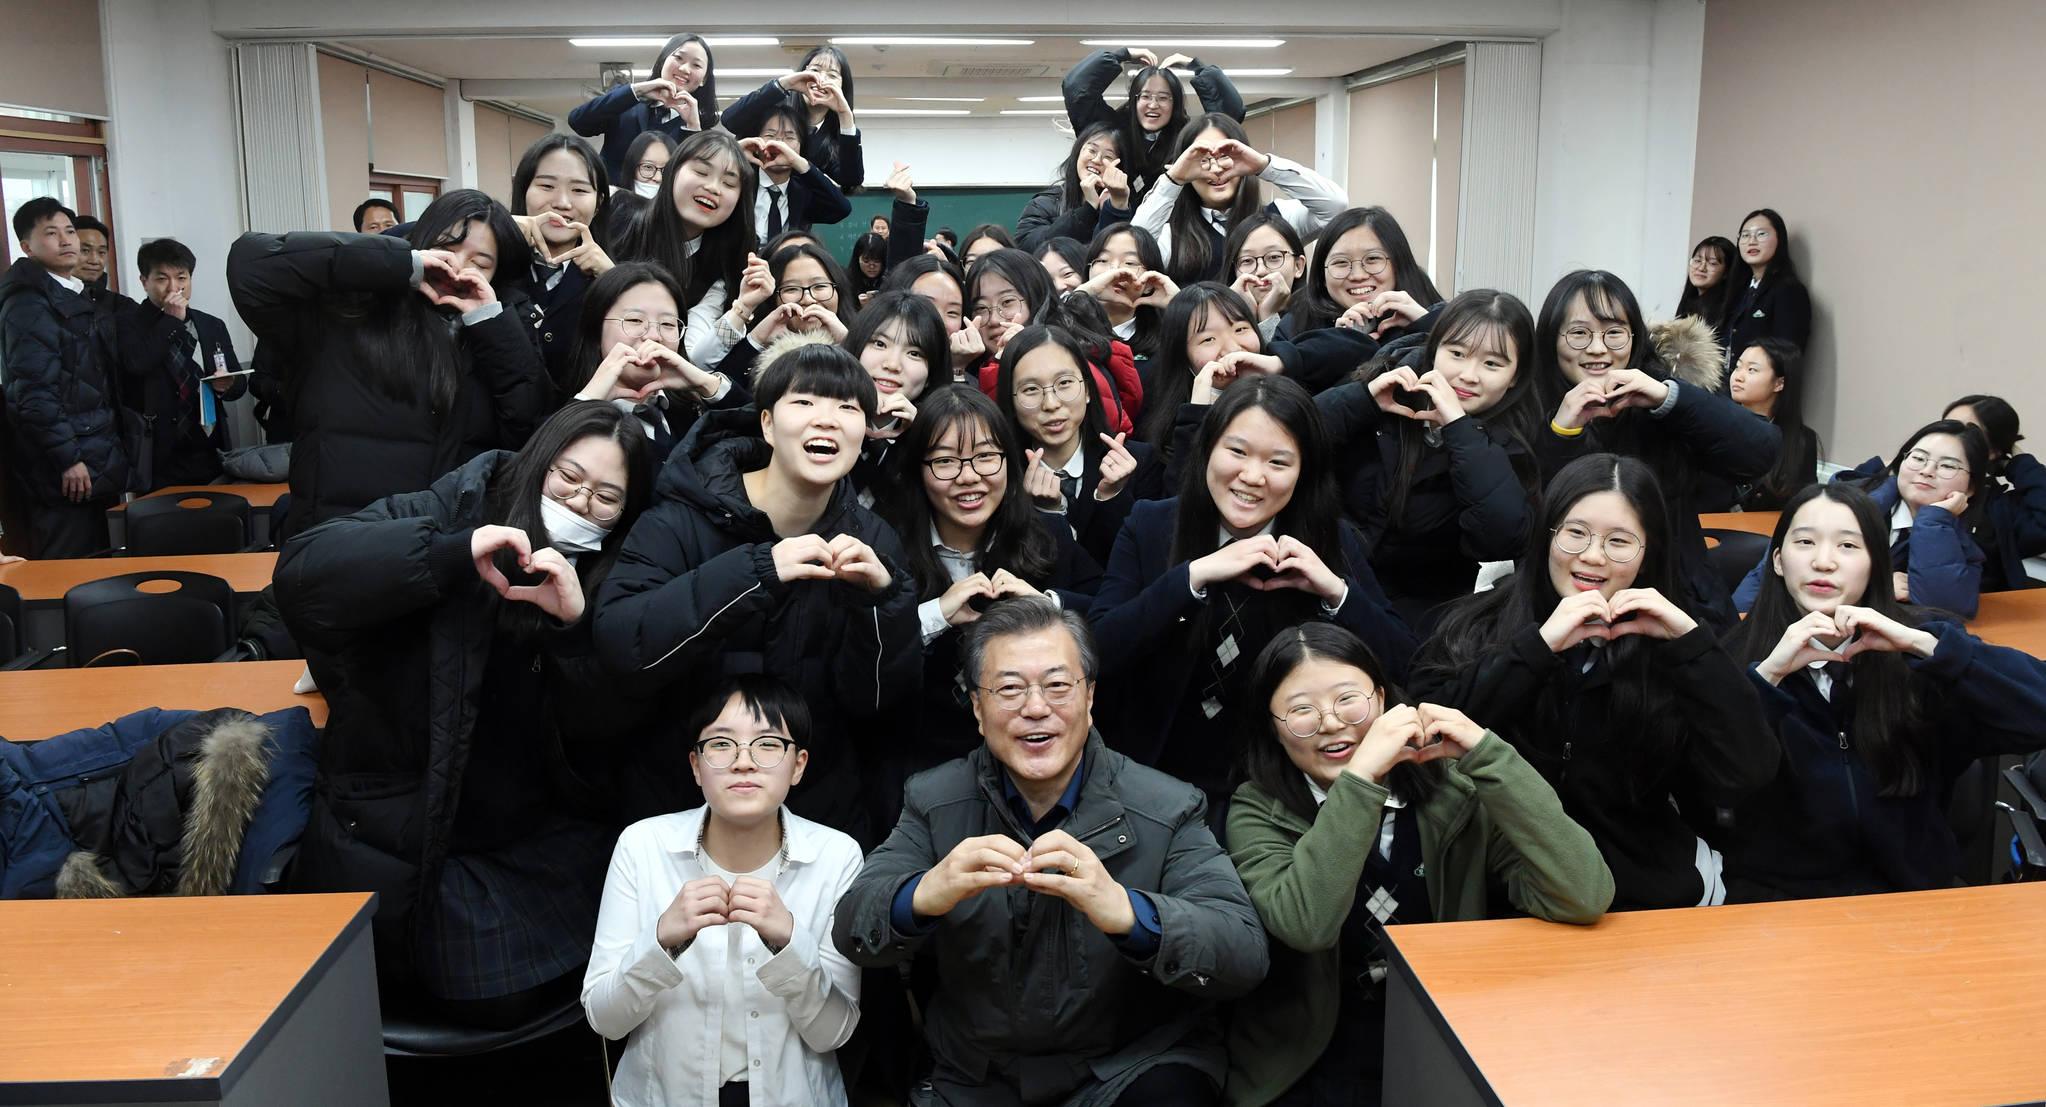 문재인 대통령이 지난해 11월 24일 지진피해를 입고 일주일 늦게 대입수능을 치른 포항여고 수험생들을 만나 격려 한후 기념사진을 찍고 있다. 김상선 기자